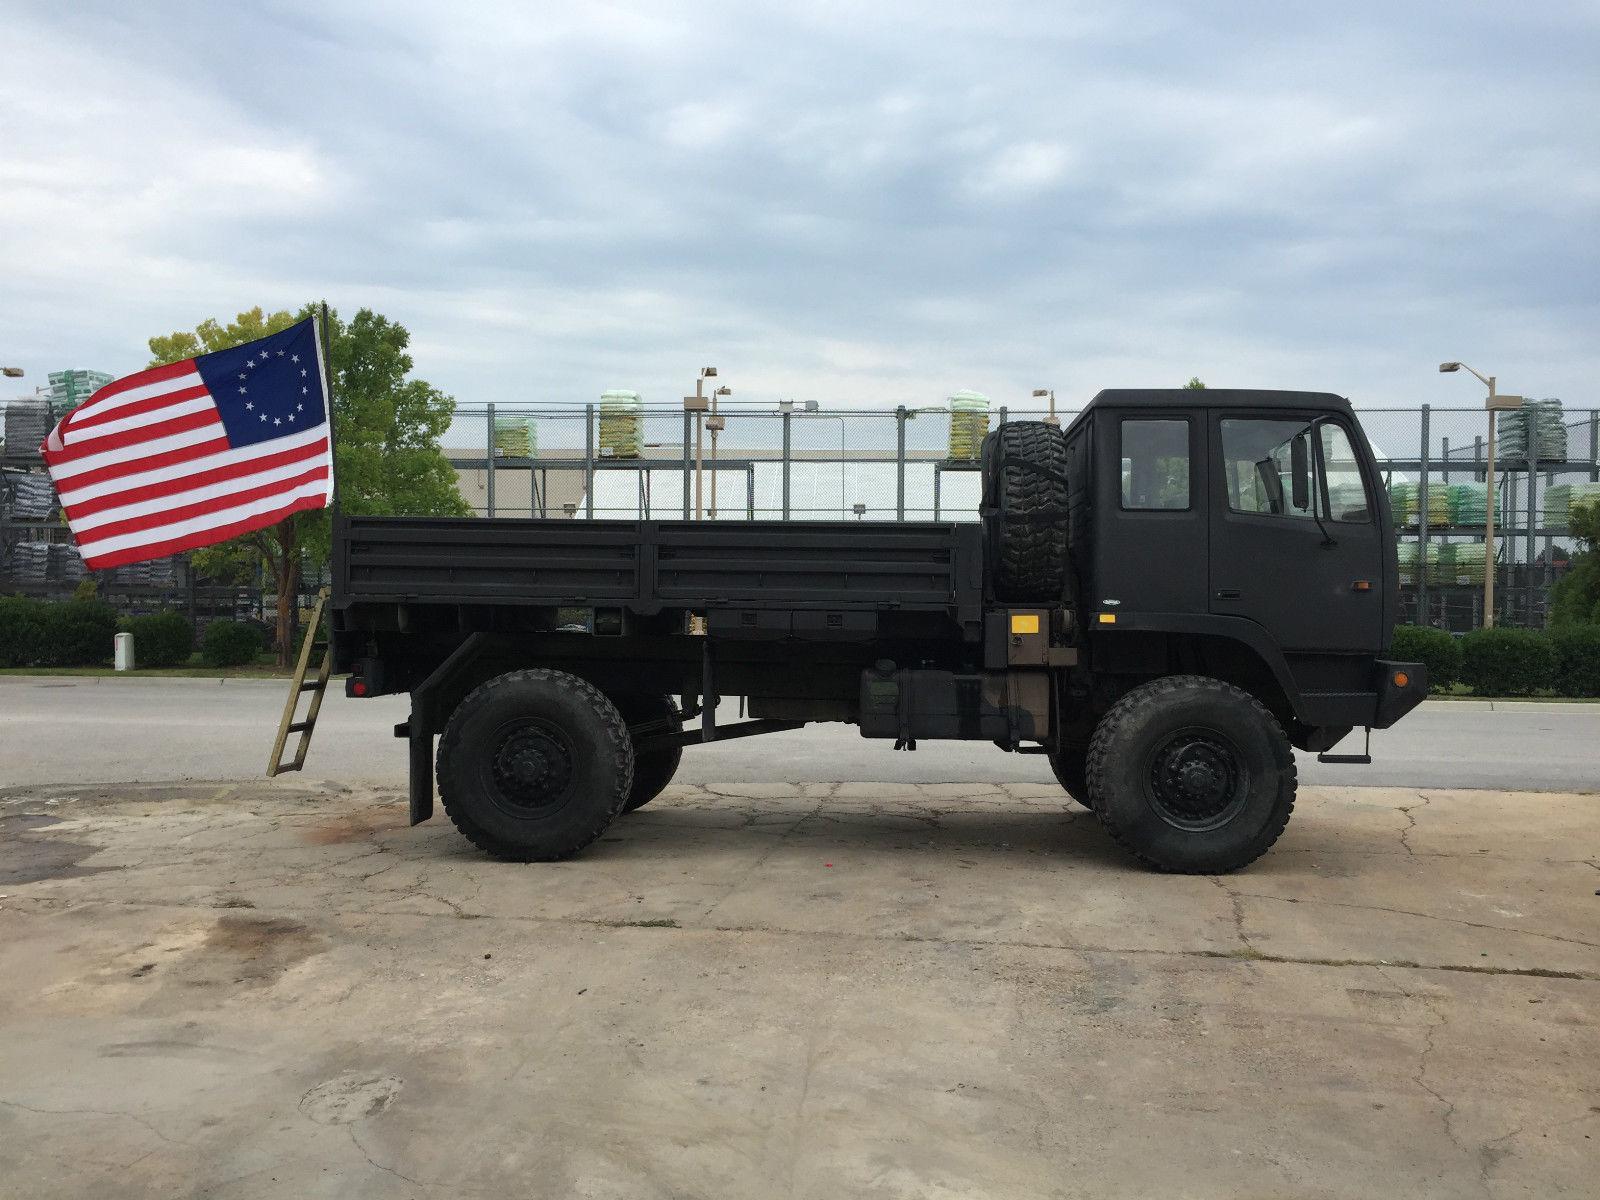 Stewart Stevenson M Lmtv For Sale on Kaiser Military Vehicles